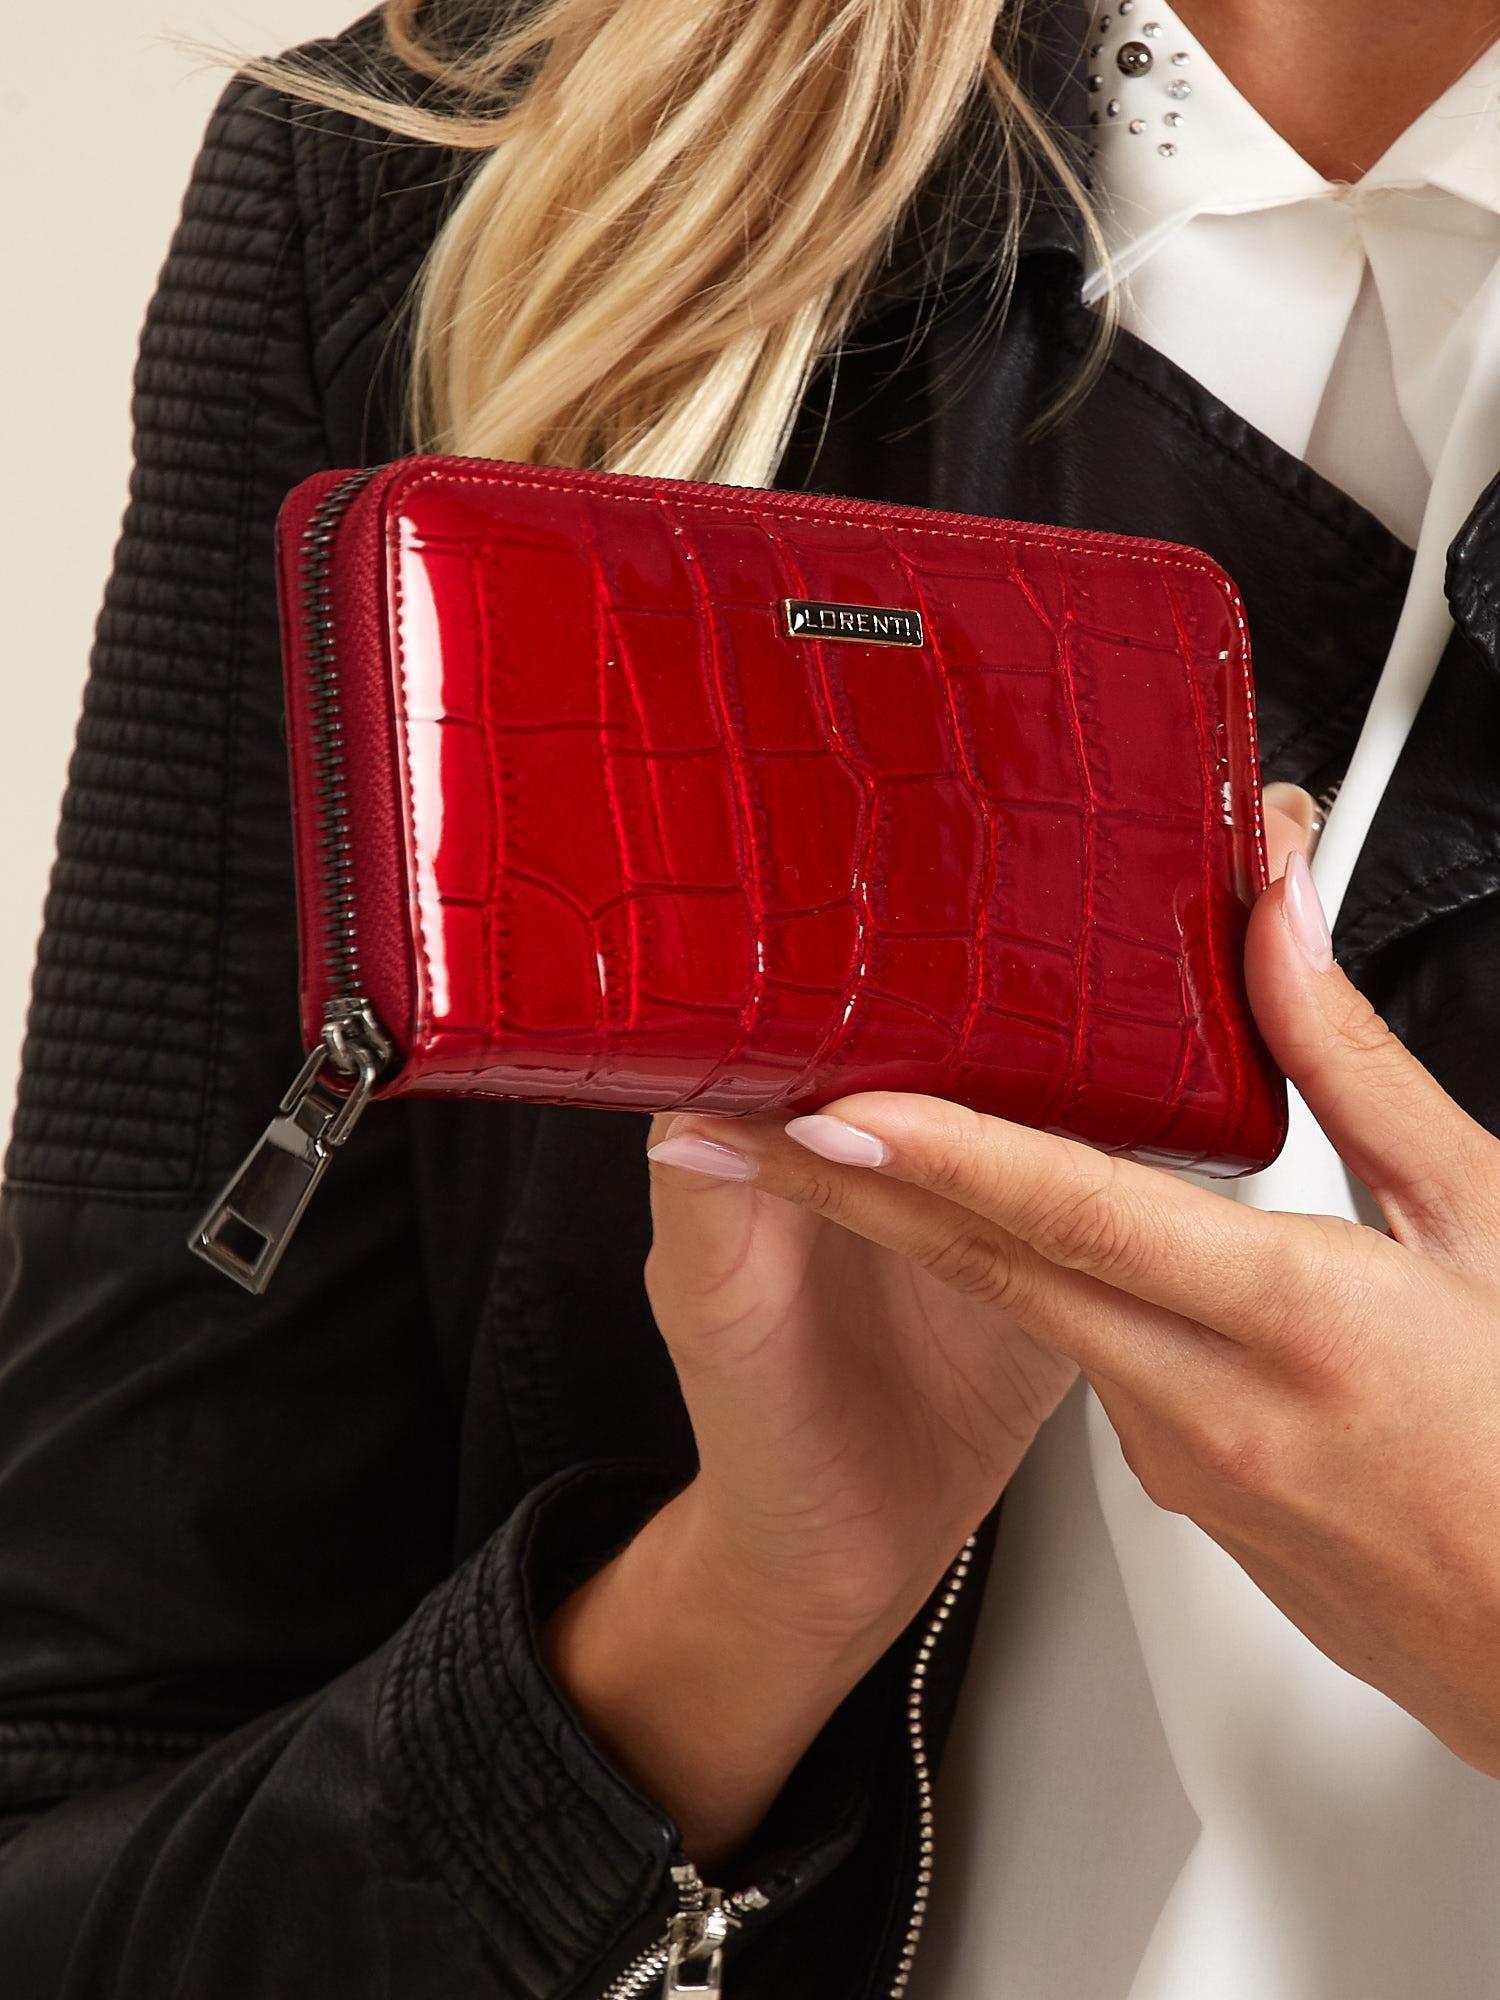 6389ab3f0452b Czerwony lakierowany portfel damski ze skóry - Akcesoria portfele - sklep  eButik.pl